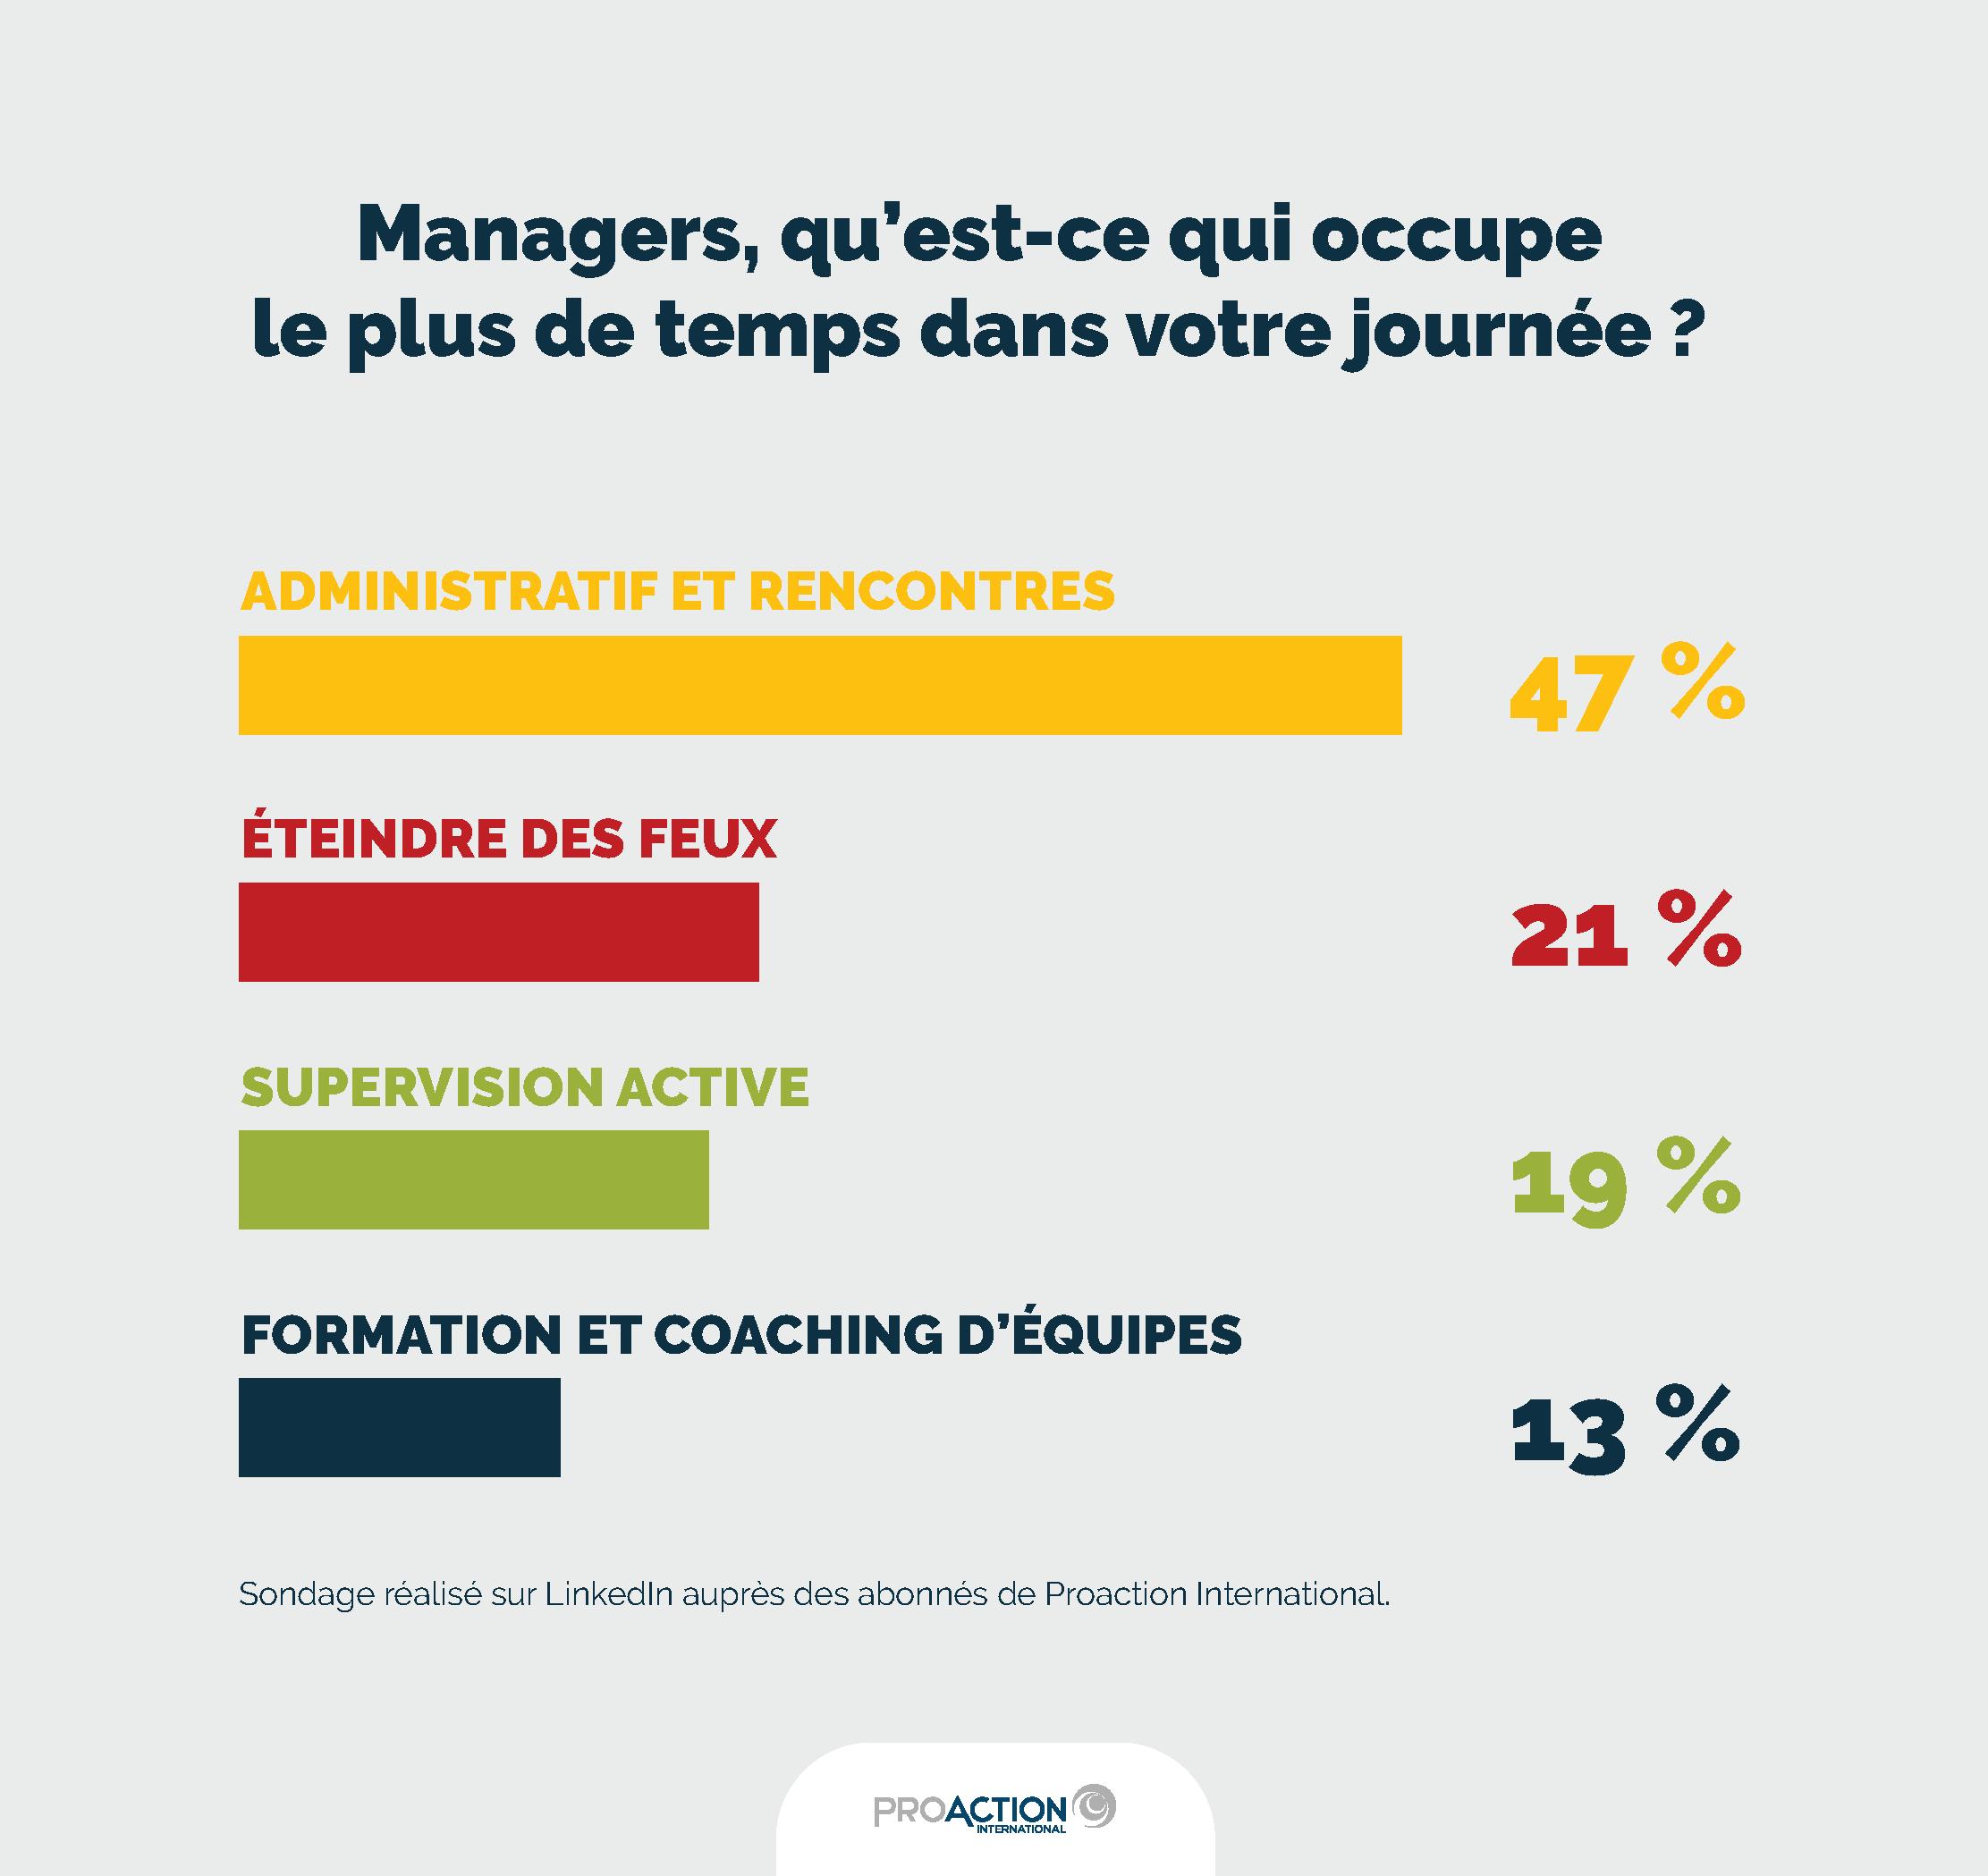 Infographie sondage_ce qui occupe le plus de temps dans la journée des managers : 47% administratifs et rencontres, 21% éteindre des feux, 19% supervision active, 13% formation et coaching d'équipes (Sondage réalisé sur LinkedIn auprès des abonnés de Proaction International)